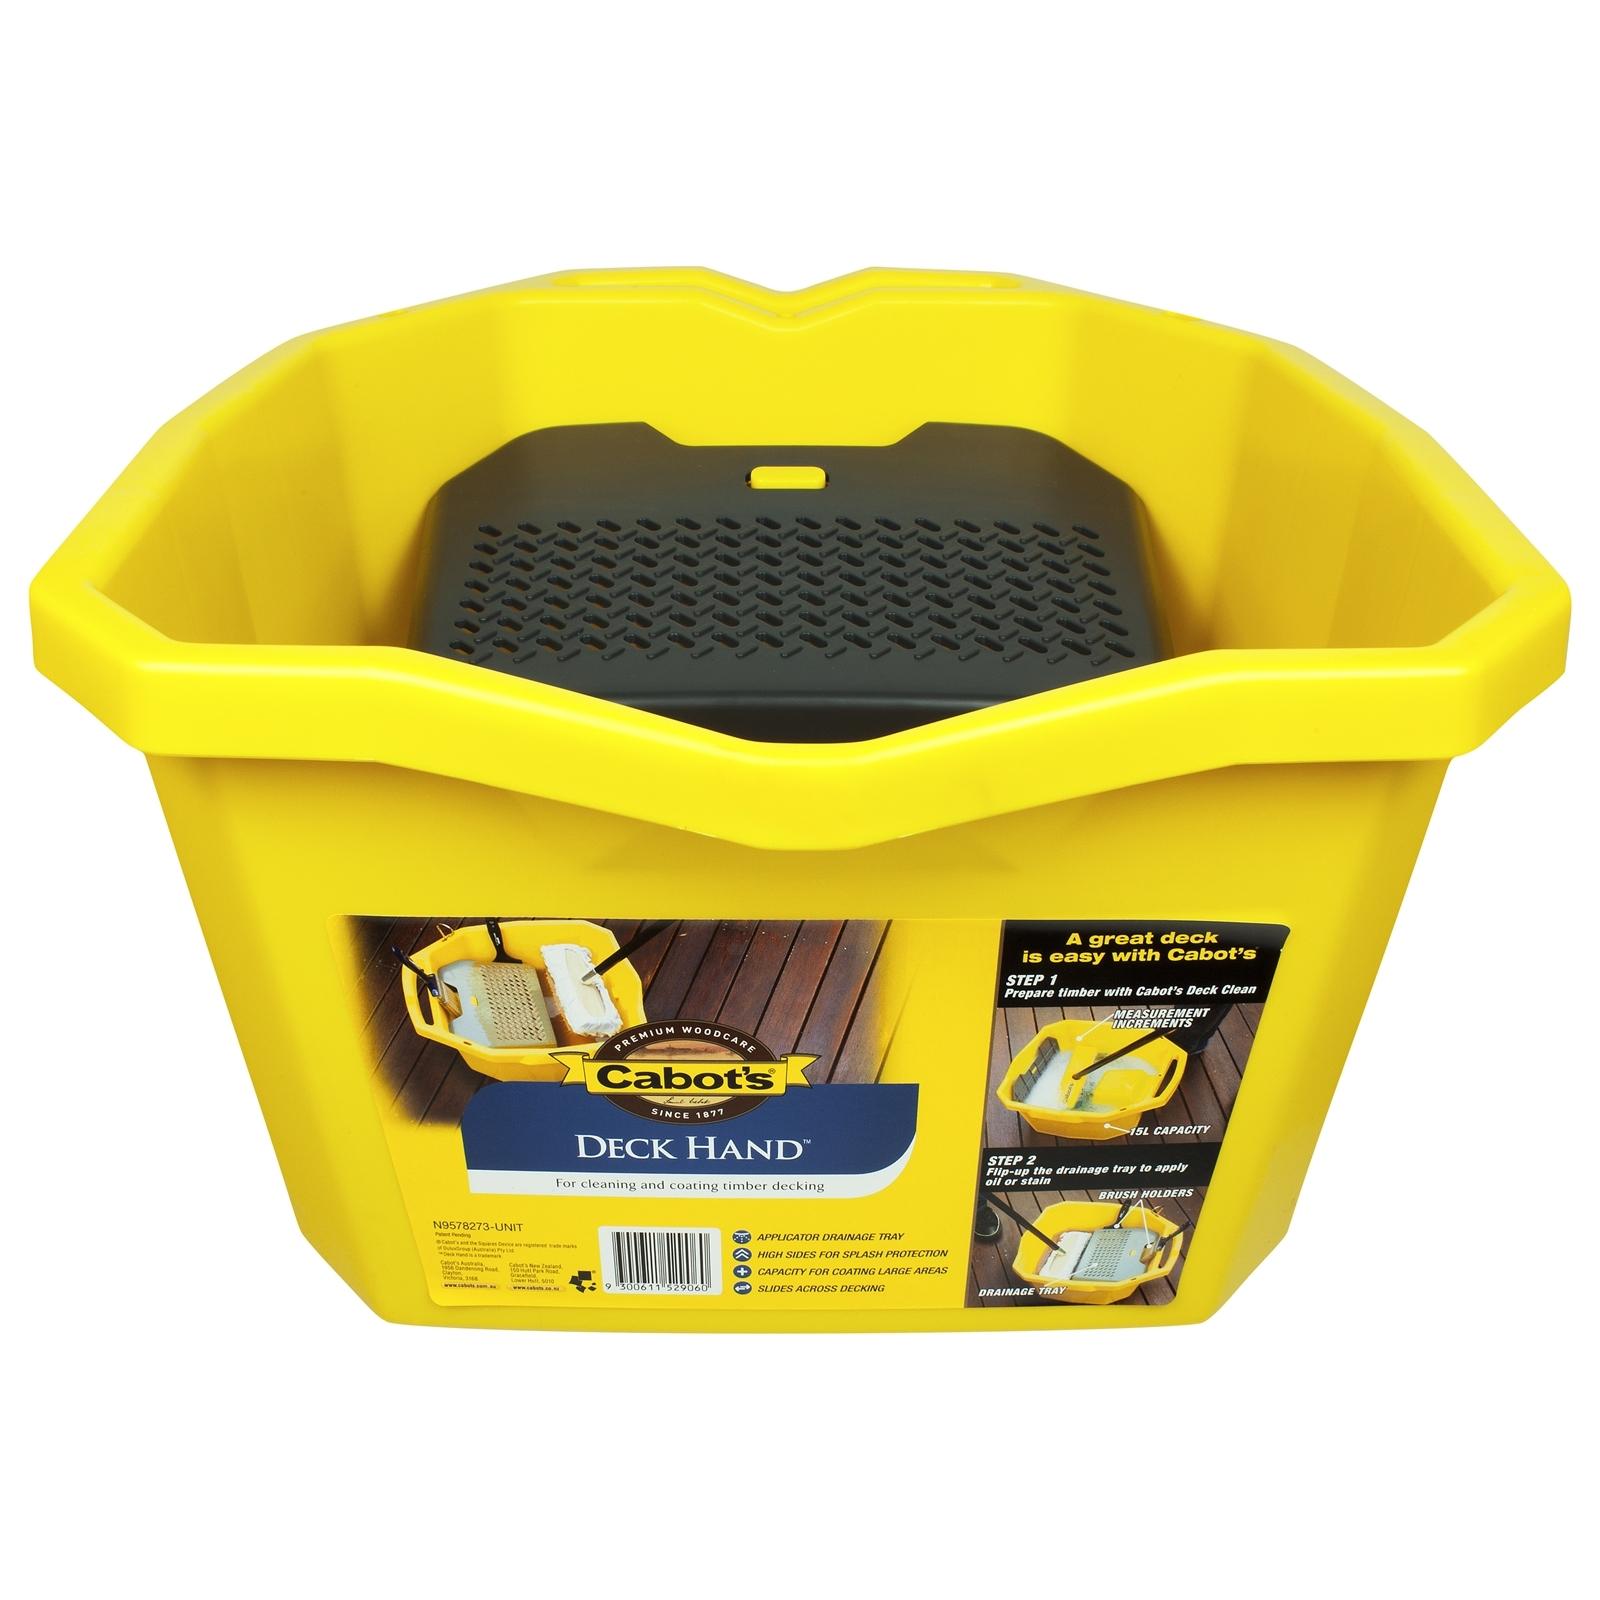 Cabot's 15L Deck Hand Bucket